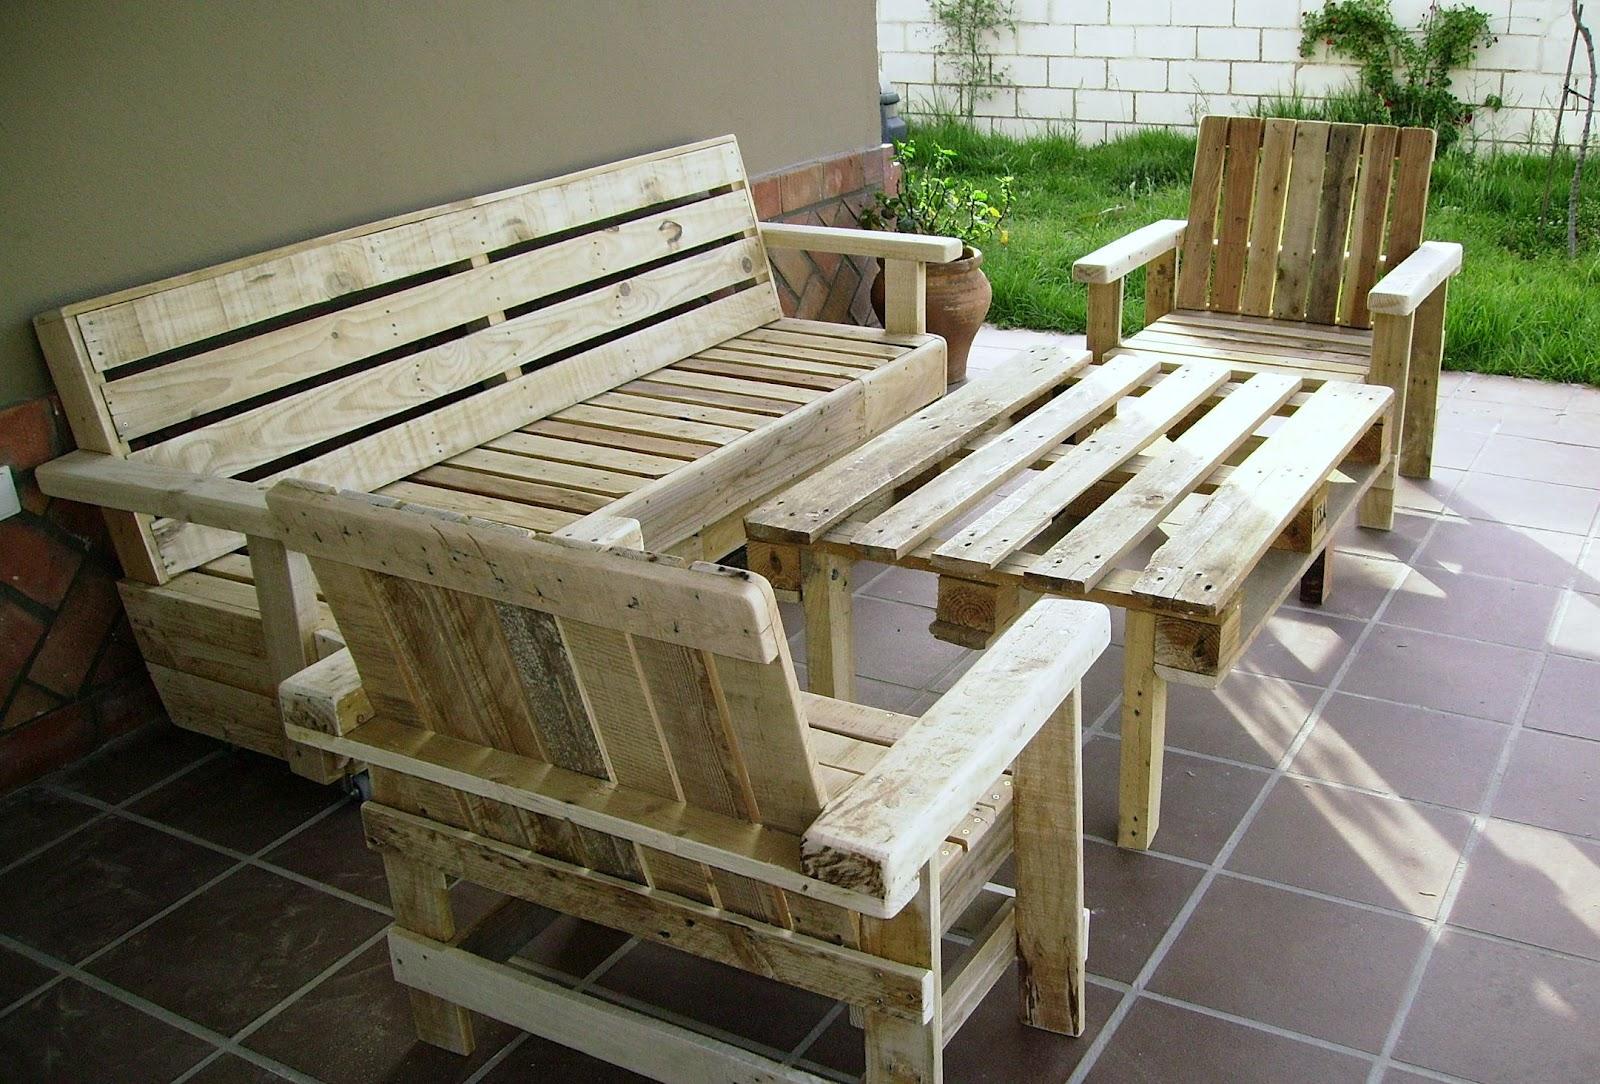 Artesanias labea muebles de exterior 100 reciclados for Reciclado de palets sillones